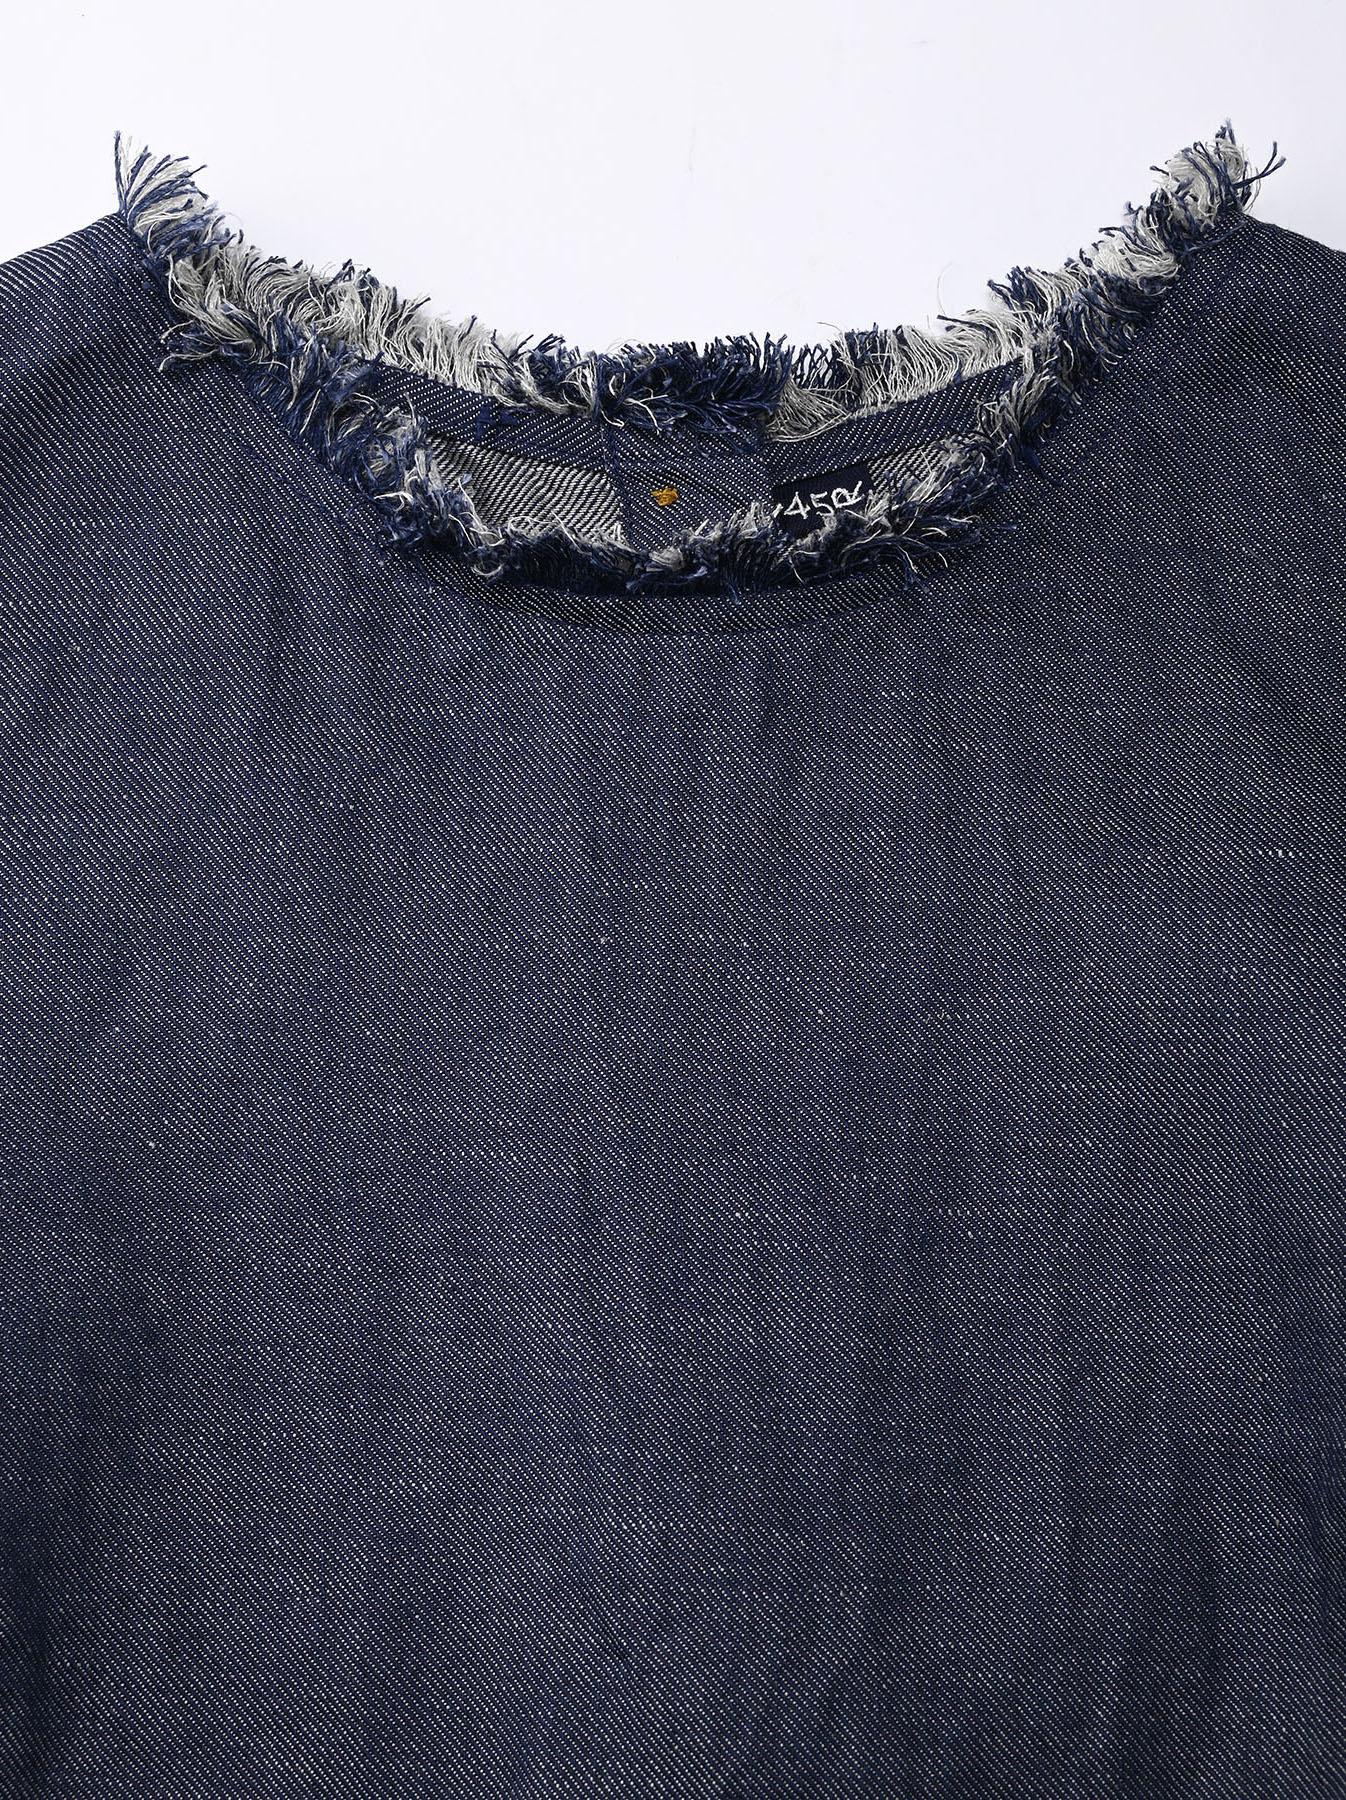 Indigo Cotton Linen Zakkuri Denim Blouse (0521)-7